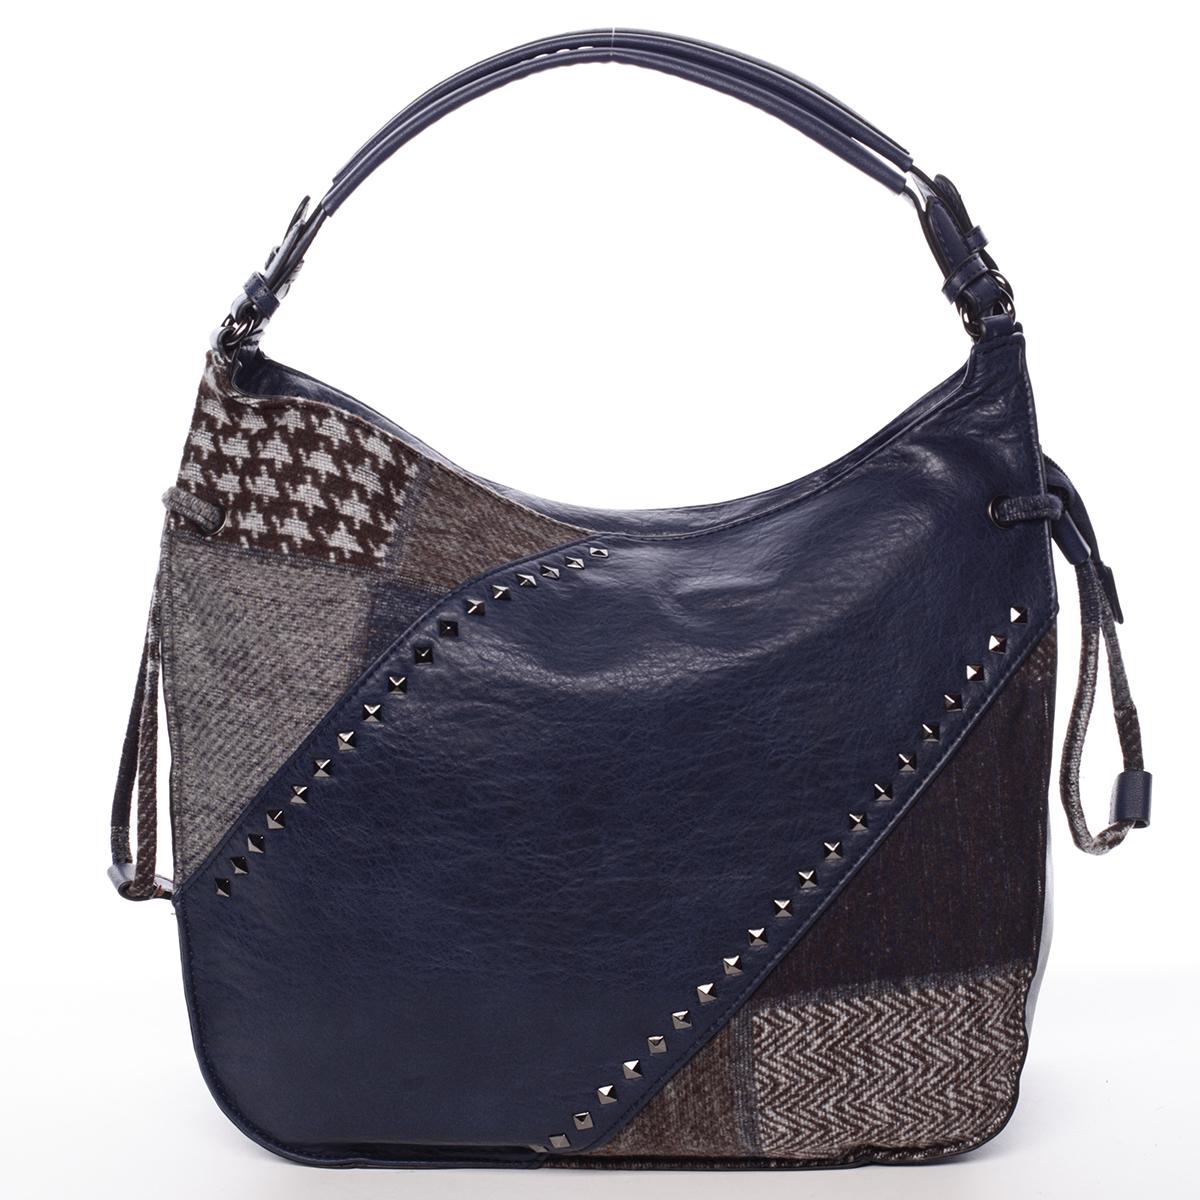 Moderní dámská kabelka modrá - MARIA C Sarai modrá